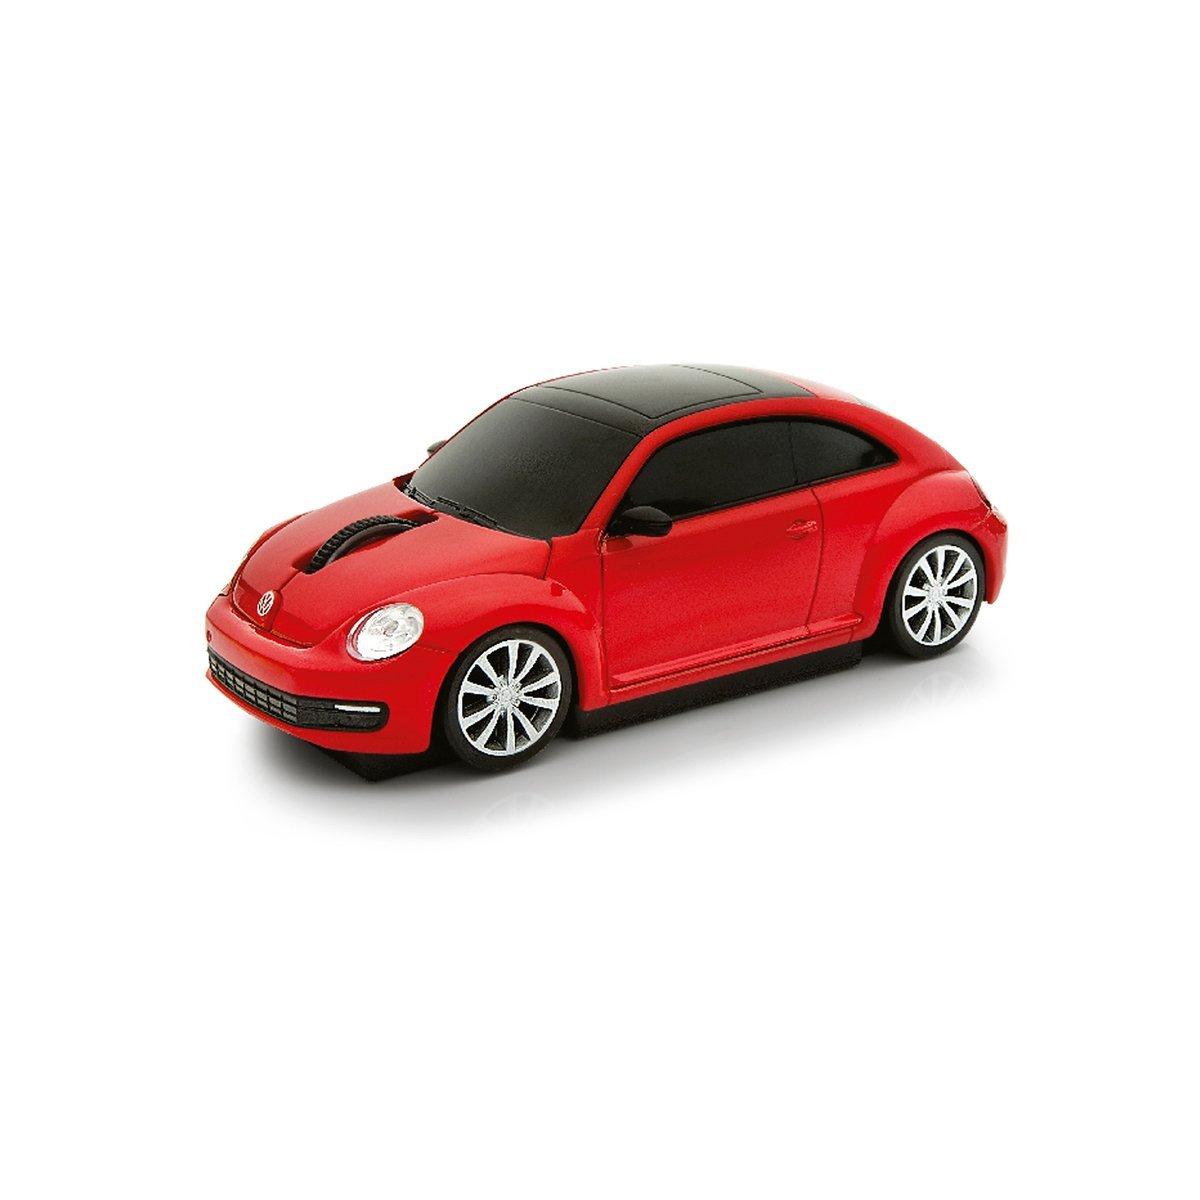 Computermaus Vw Beetle 1 32